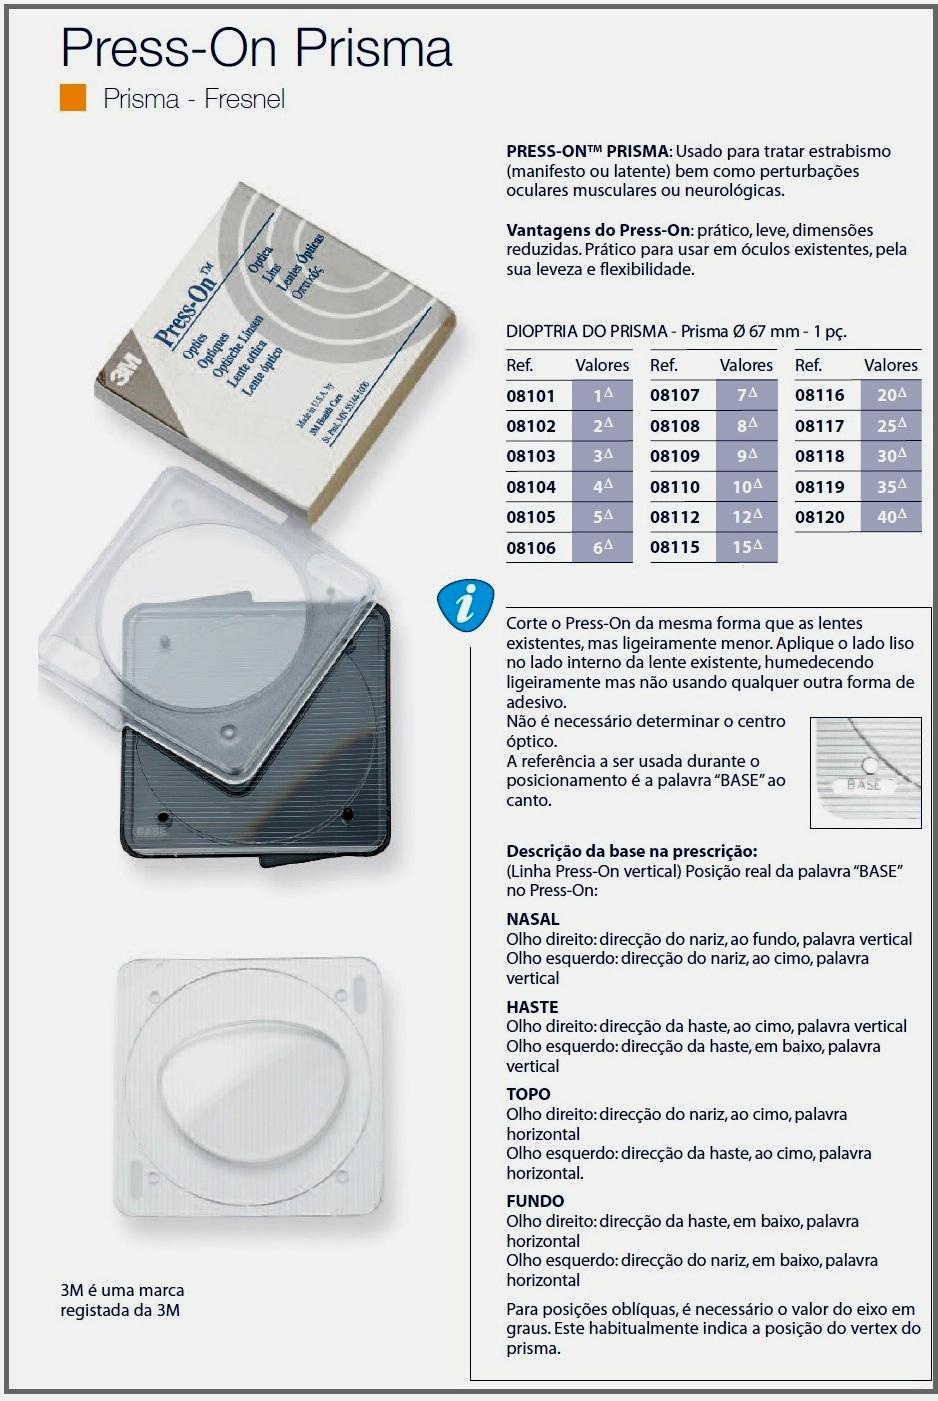 0208116 - CorreçãoVisual 02 Press-On Prisma 20 Mod 8116 FLAG O  -Contém 1 Peça